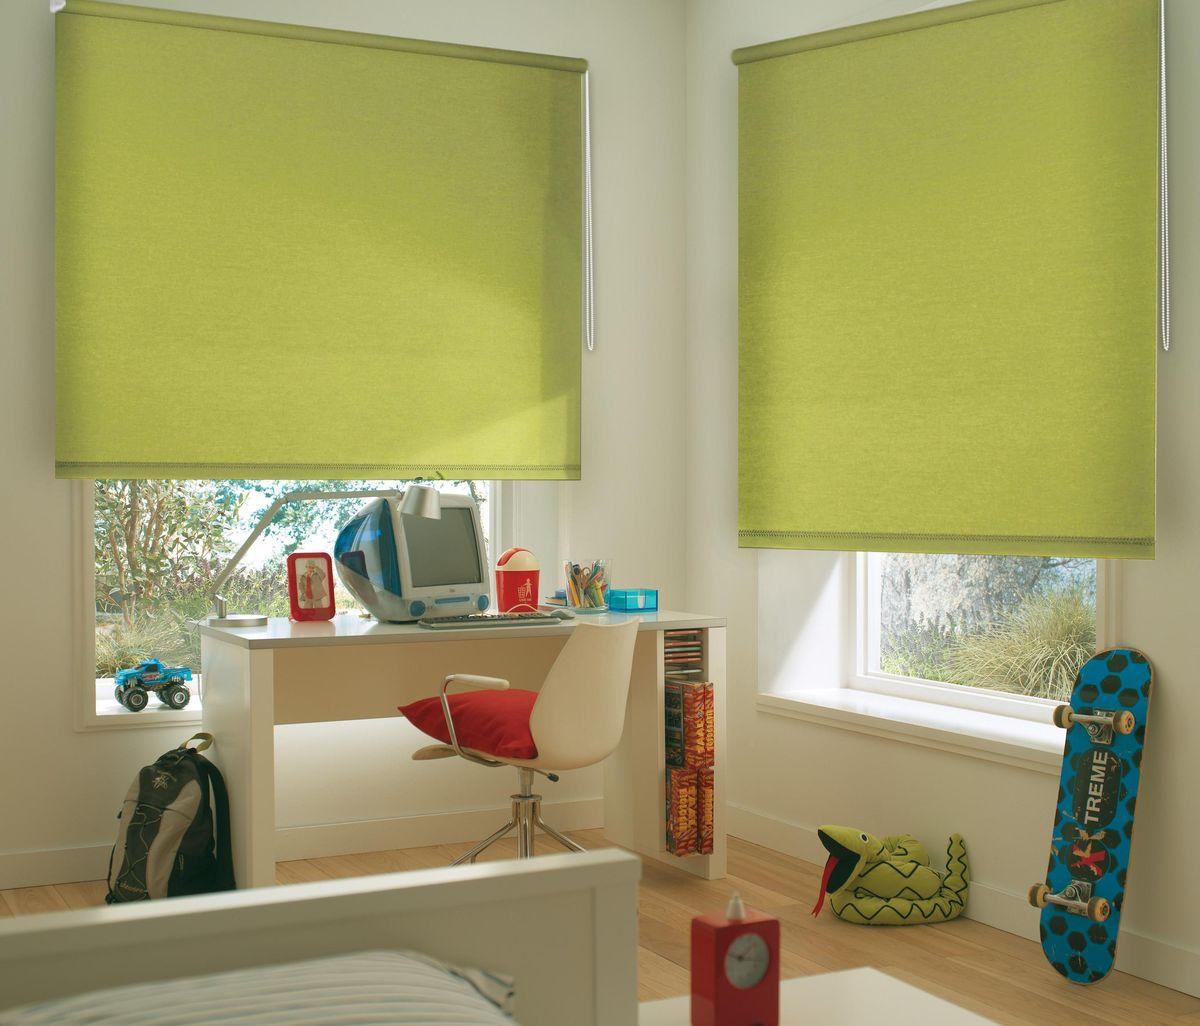 Штора рулонная Эскар, цвет: салатовый, ширина 130 см, высота 170 см81014130170Рулонными шторами можно оформлять окна как самостоятельно, так и использовать в комбинации с портьерами. Это поможет предотвратить выгорание дорогой ткани на солнце и соединит функционал рулонных с красотой навесных. Преимущества применения рулонных штор для пластиковых окон: - имеют прекрасный внешний вид: многообразие и фактурность материала изделия отлично смотрятся в любом интерьере; - многофункциональны: есть возможность подобрать шторы способные эффективно защитить комнату от солнца, при этом она не будет слишком темной. - Есть возможность осуществить быстрый монтаж. ВНИМАНИЕ! Размеры ширины изделия указаны по ширине ткани! Во время эксплуатации не рекомендуется полностью разматывать рулон, чтобы не оторвать ткань от намоточного вала. В случае загрязнения поверхности ткани, чистку шторы проводят одним из способов, в зависимости от типа загрязнения: легкое поверхностное загрязнение можно удалить при помощи канцелярского ластика; чистка от пыли производится сухим методом при...